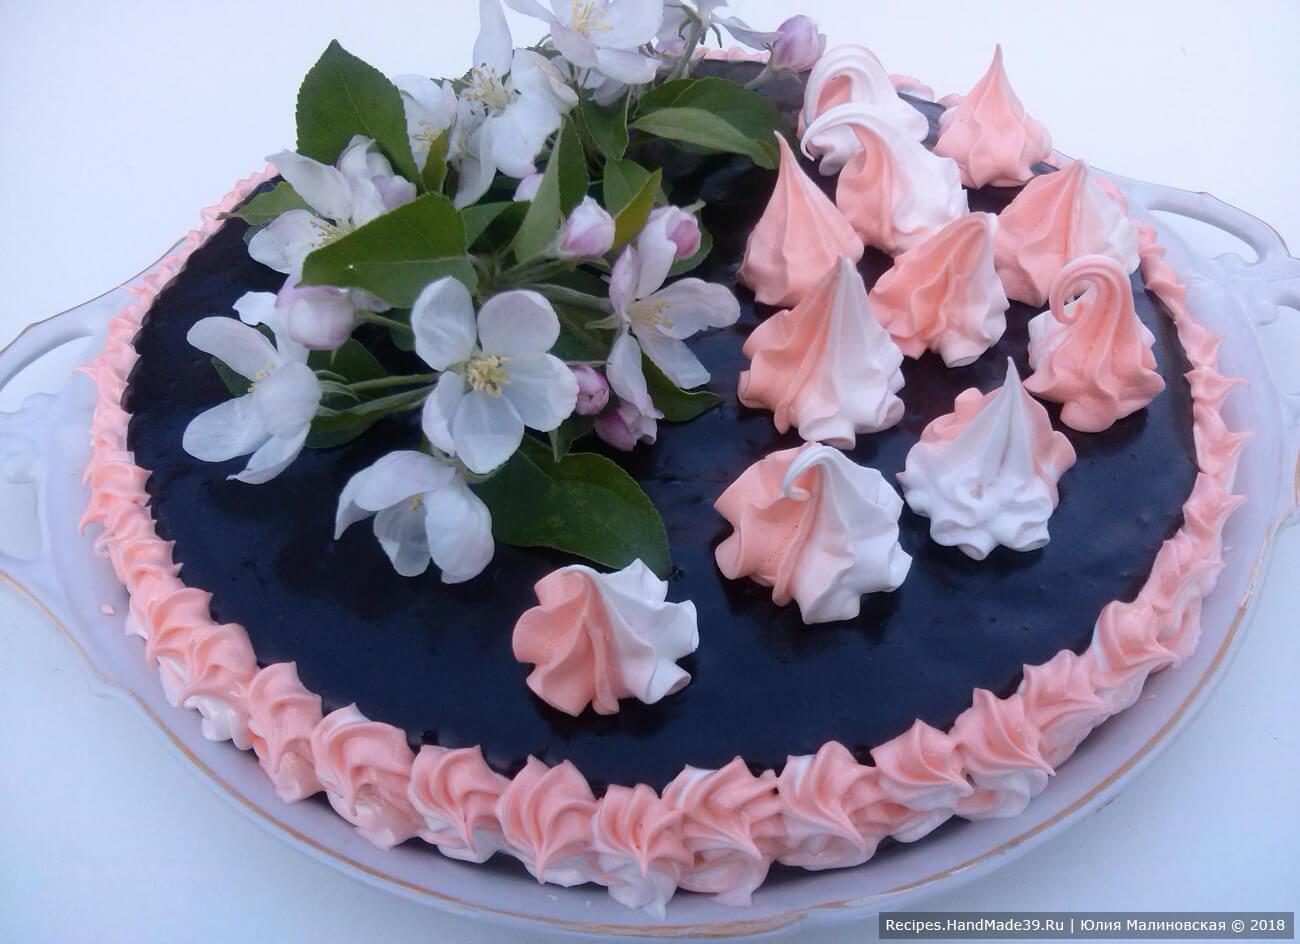 Песочный торт «Яблоневый цвет»